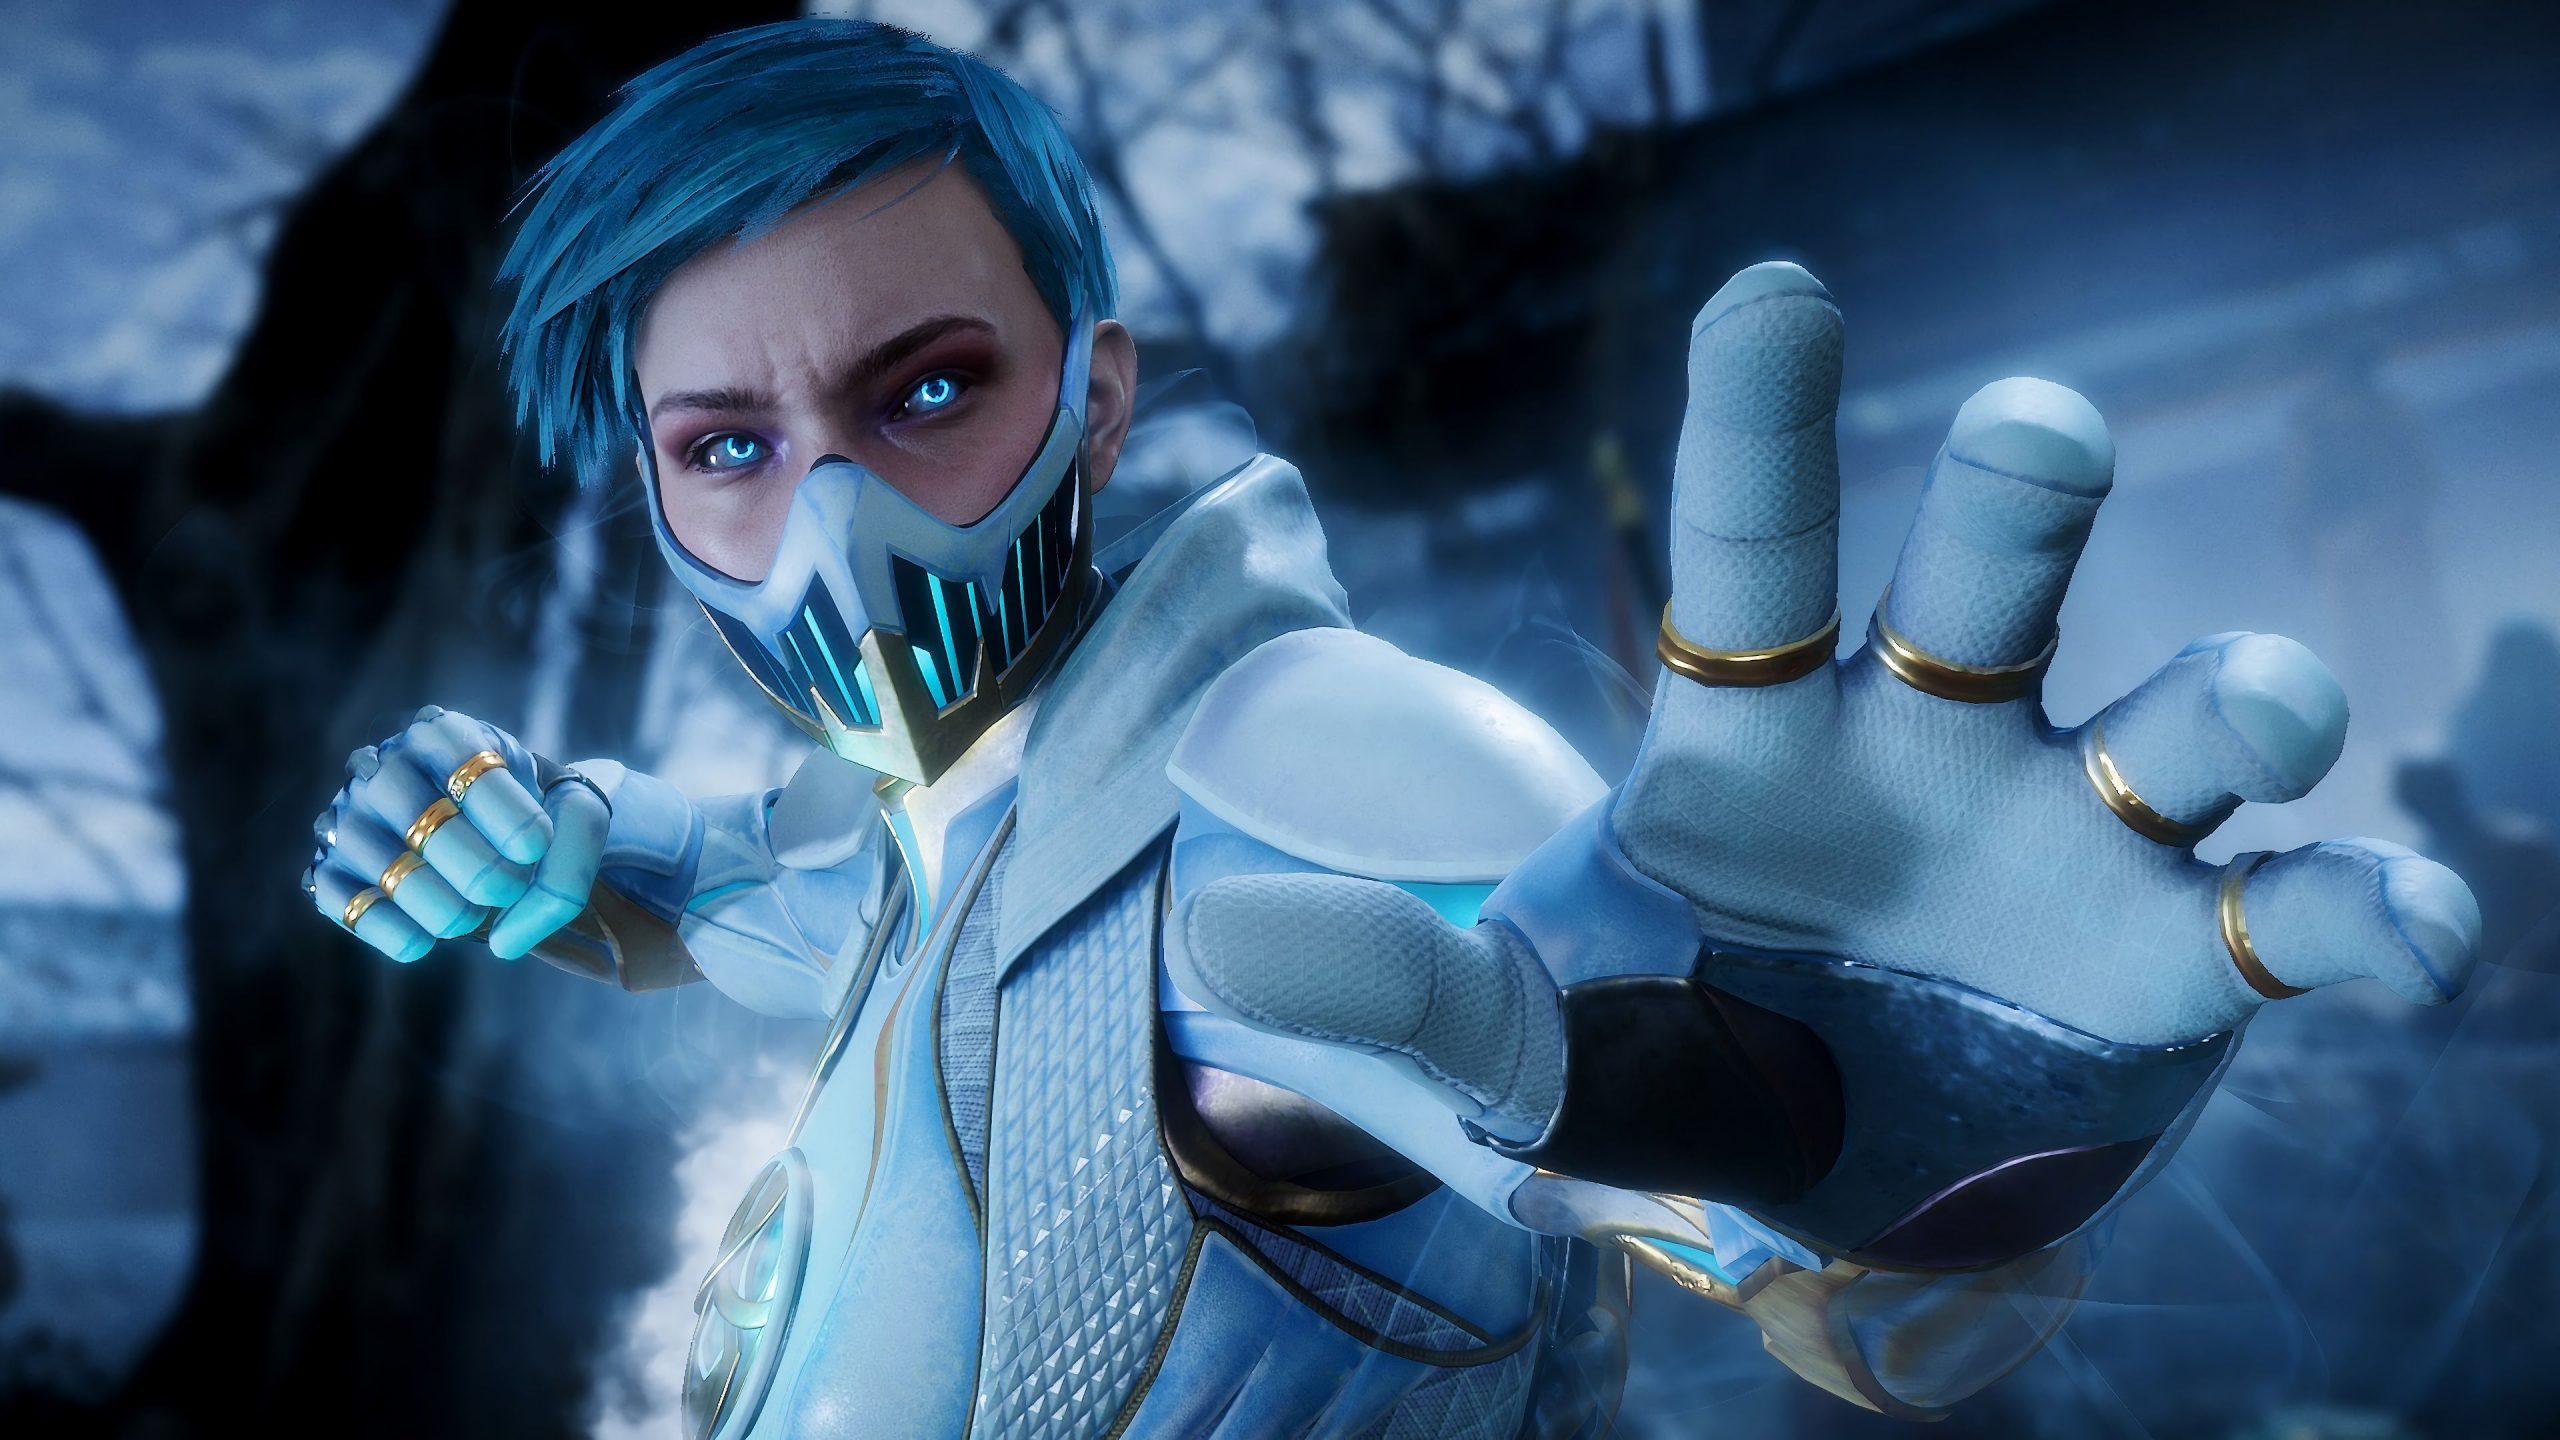 Frost In Mortal Kombat